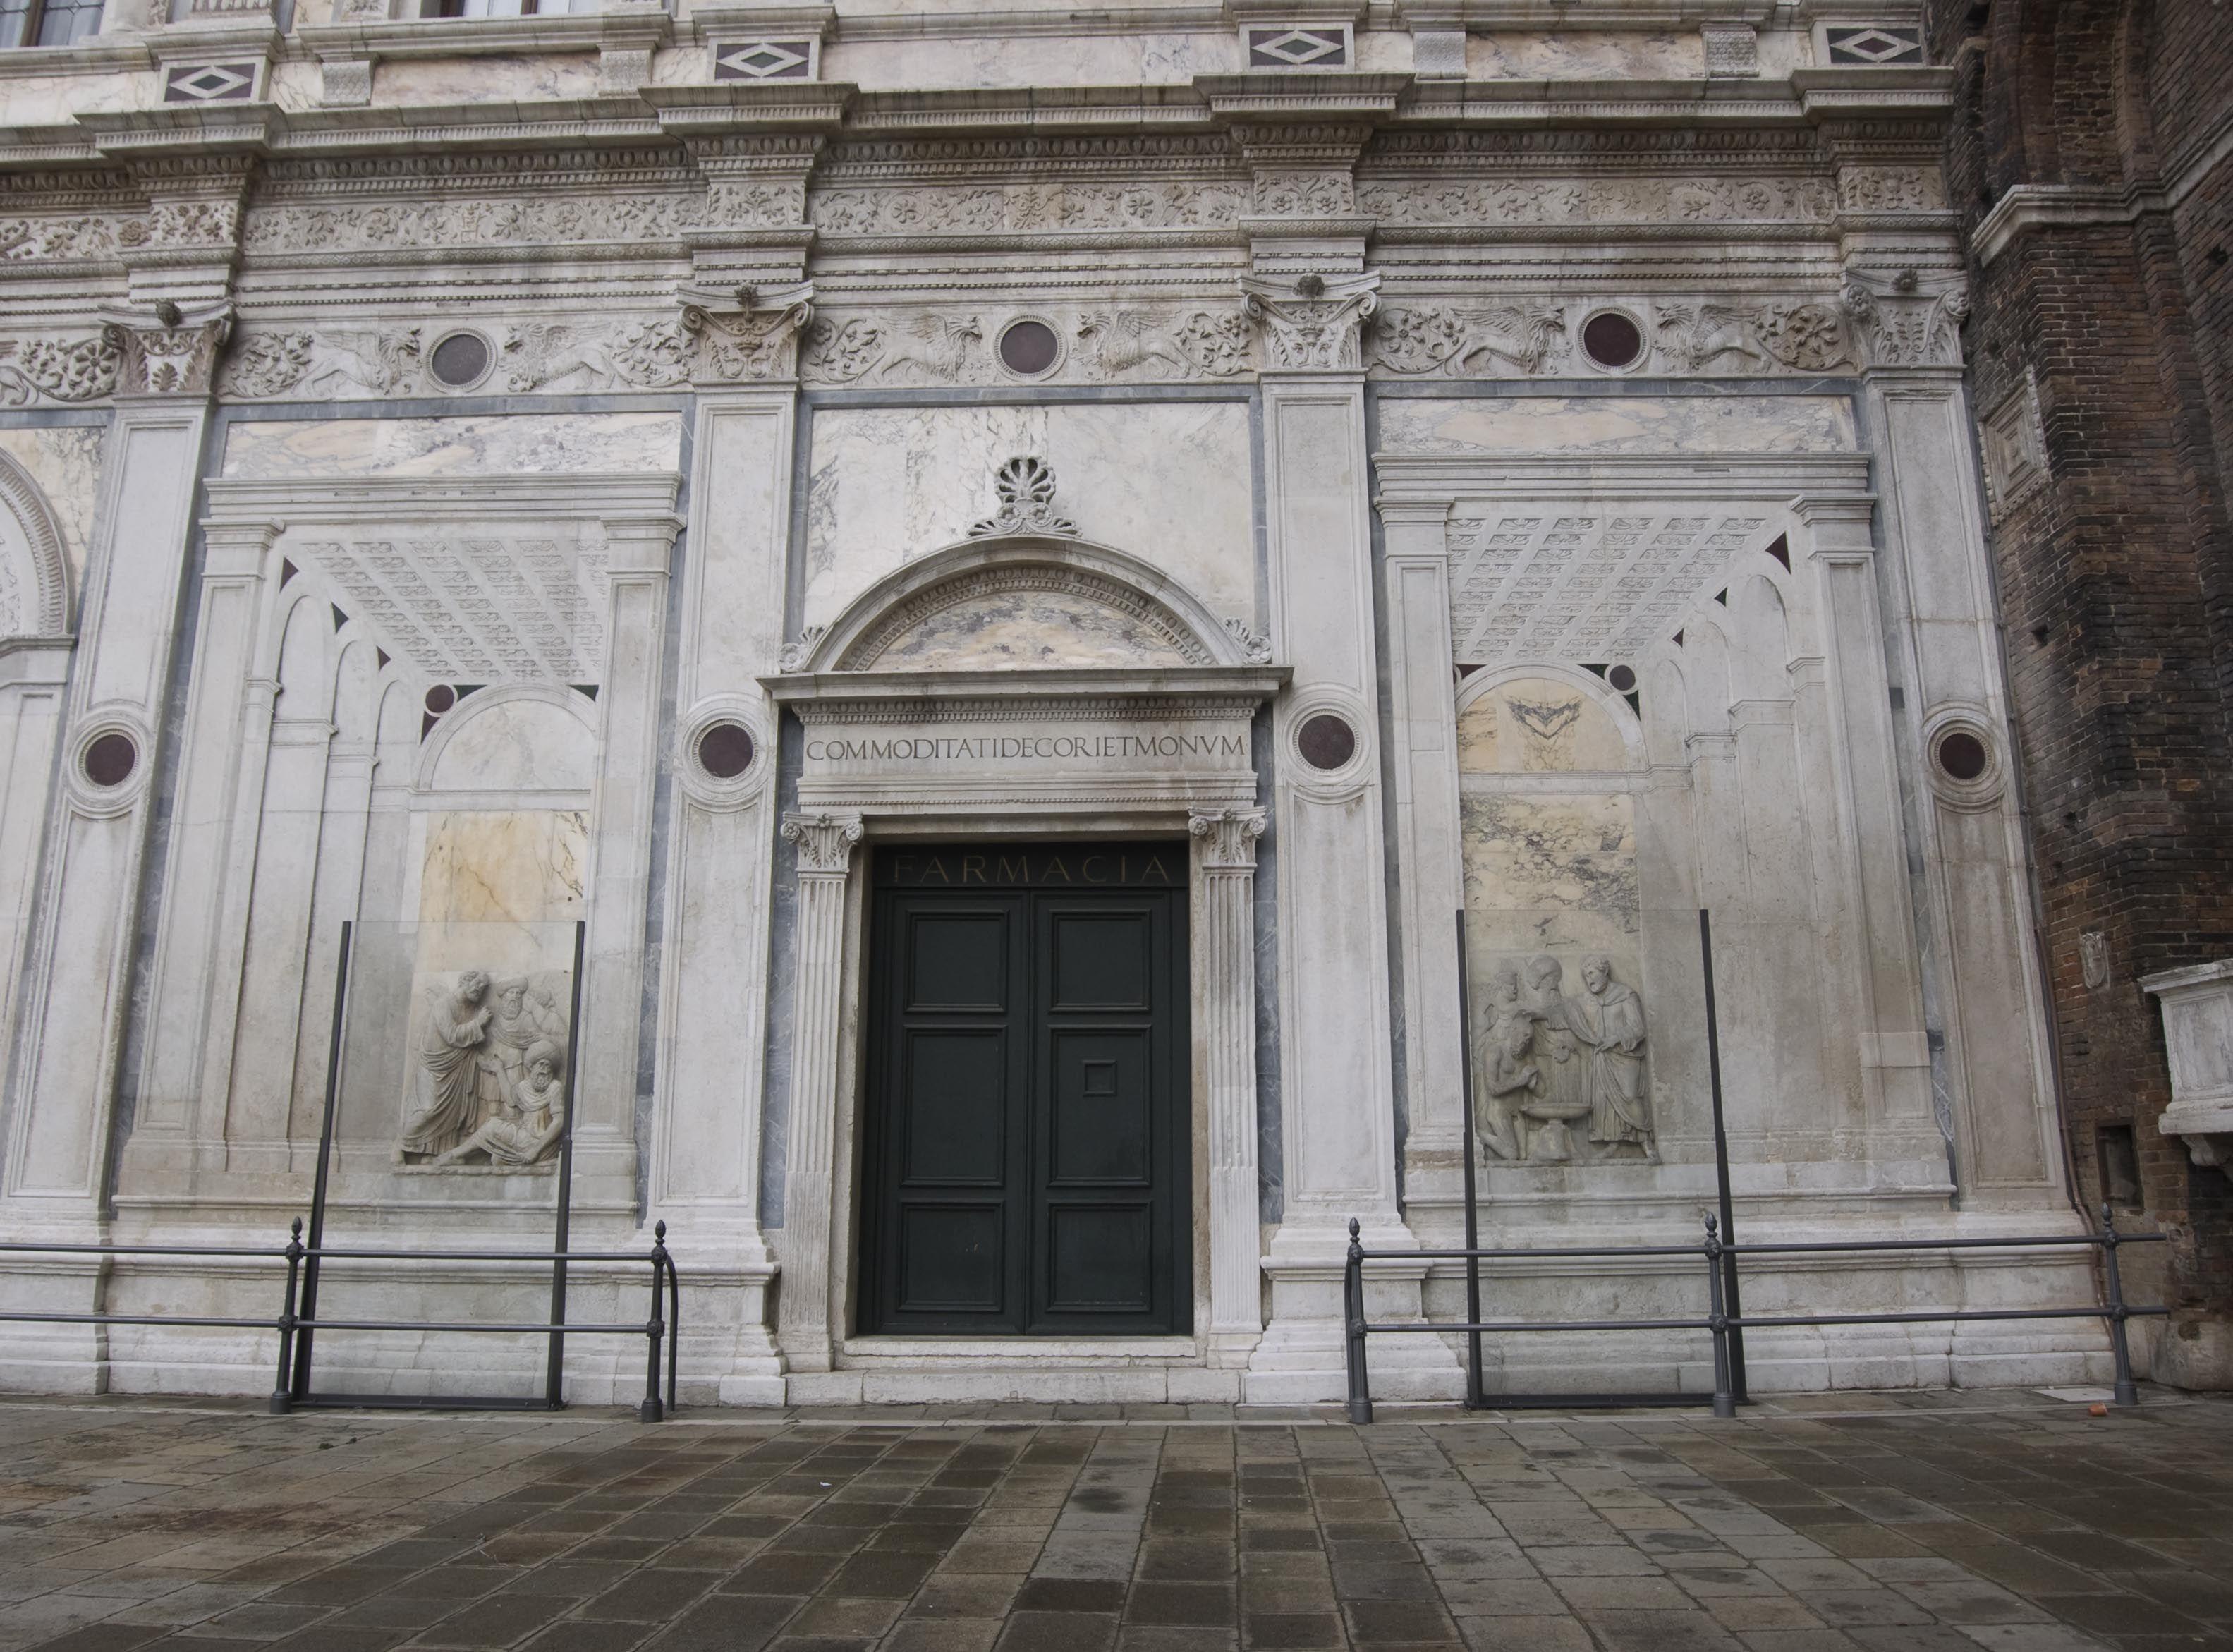 Basillica di San Giovanni e Paolo & Vicinity - Venice, Italy   Façade Scuola Grande di San Marco - Relief Sculpture by Tulio Lombardo